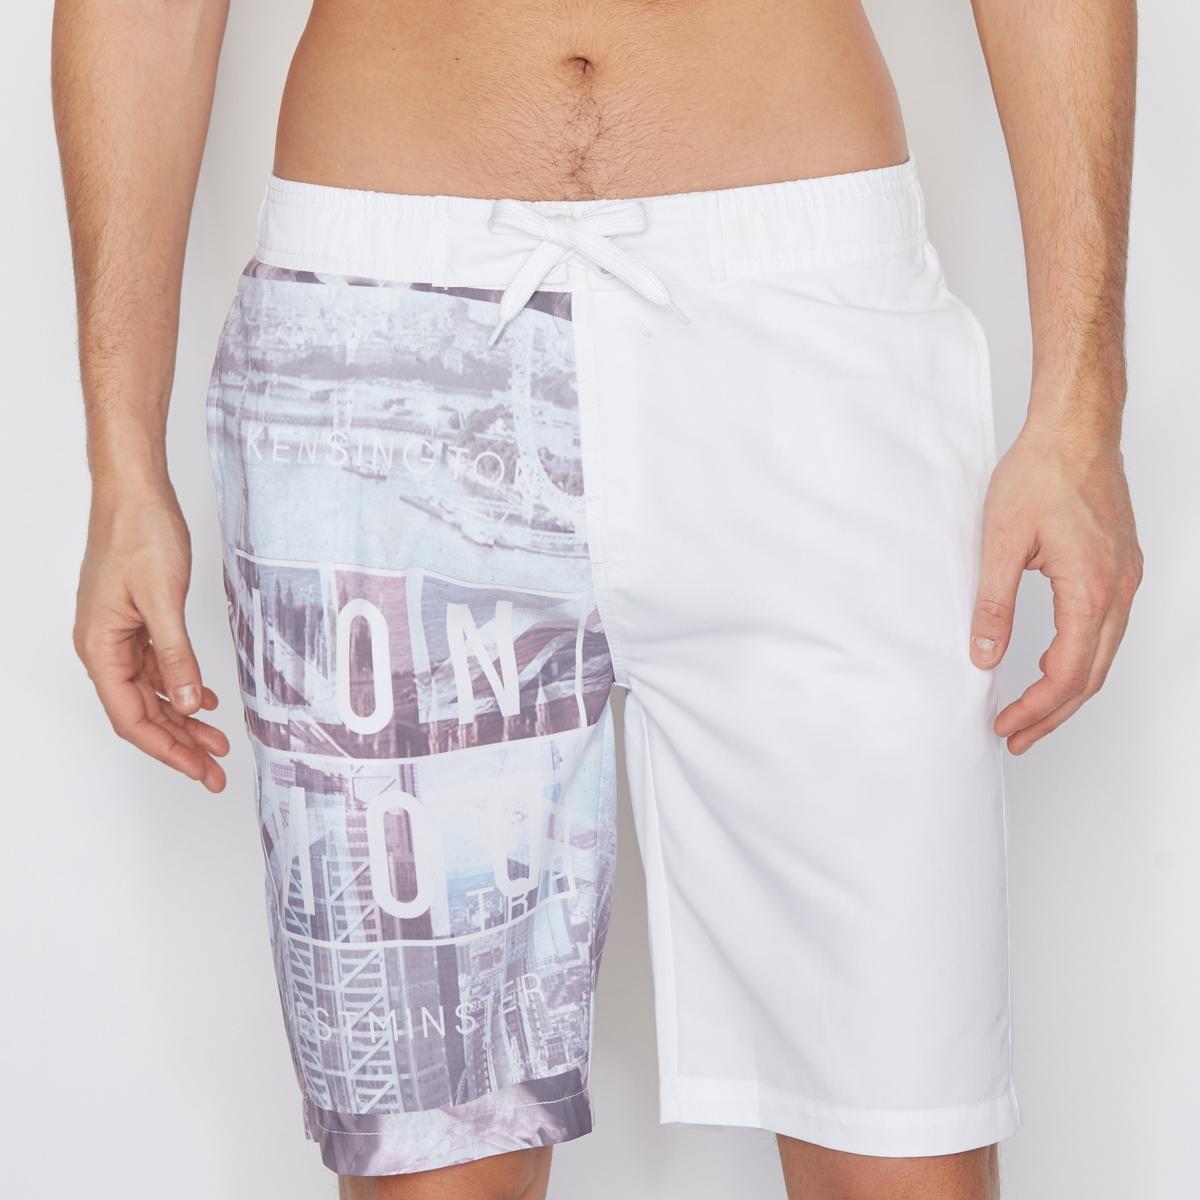 Шорты для плаванияШорты для плавания с рисунком на одной штанине .  Эластичный пояс с завязками. 2 боковых кармана и один задний карман .Состав и описание :Материал : 100% полиэстера<br><br>Цвет: белый наб.рисунок<br>Размер: XL.XS